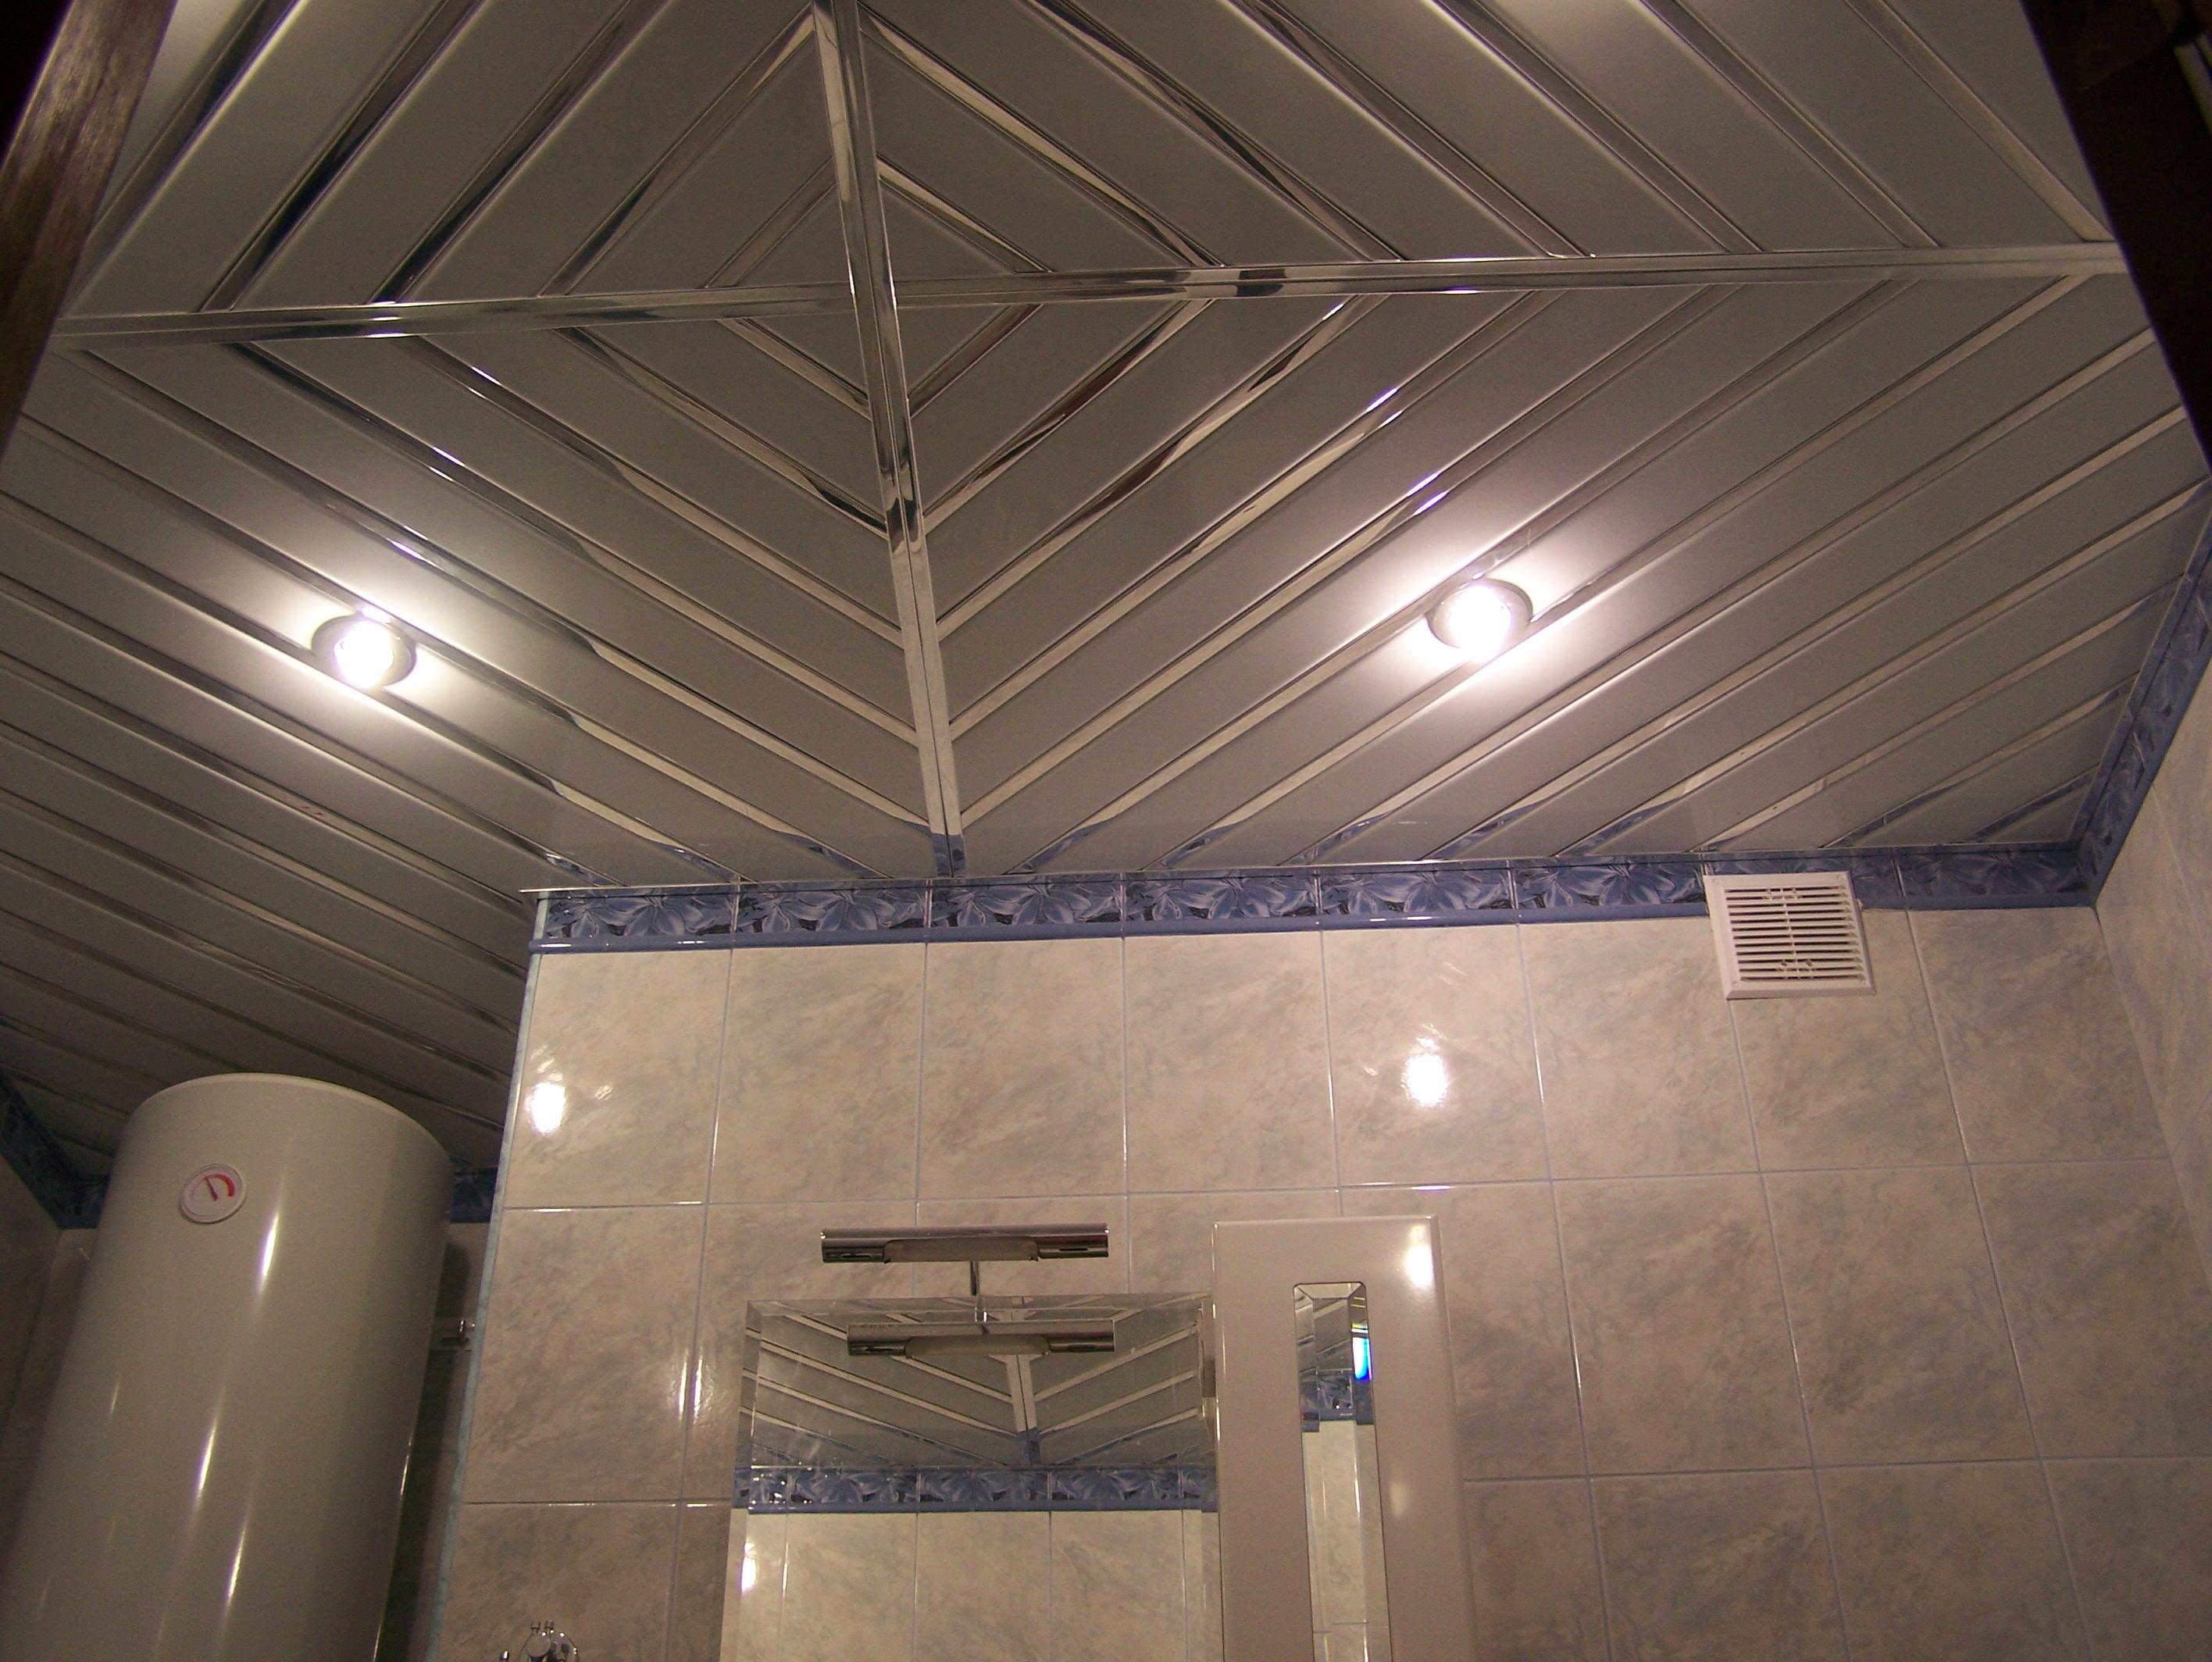 Алюминиевый потолок выглядит эффектно и может украсить общий интерьер комнаты